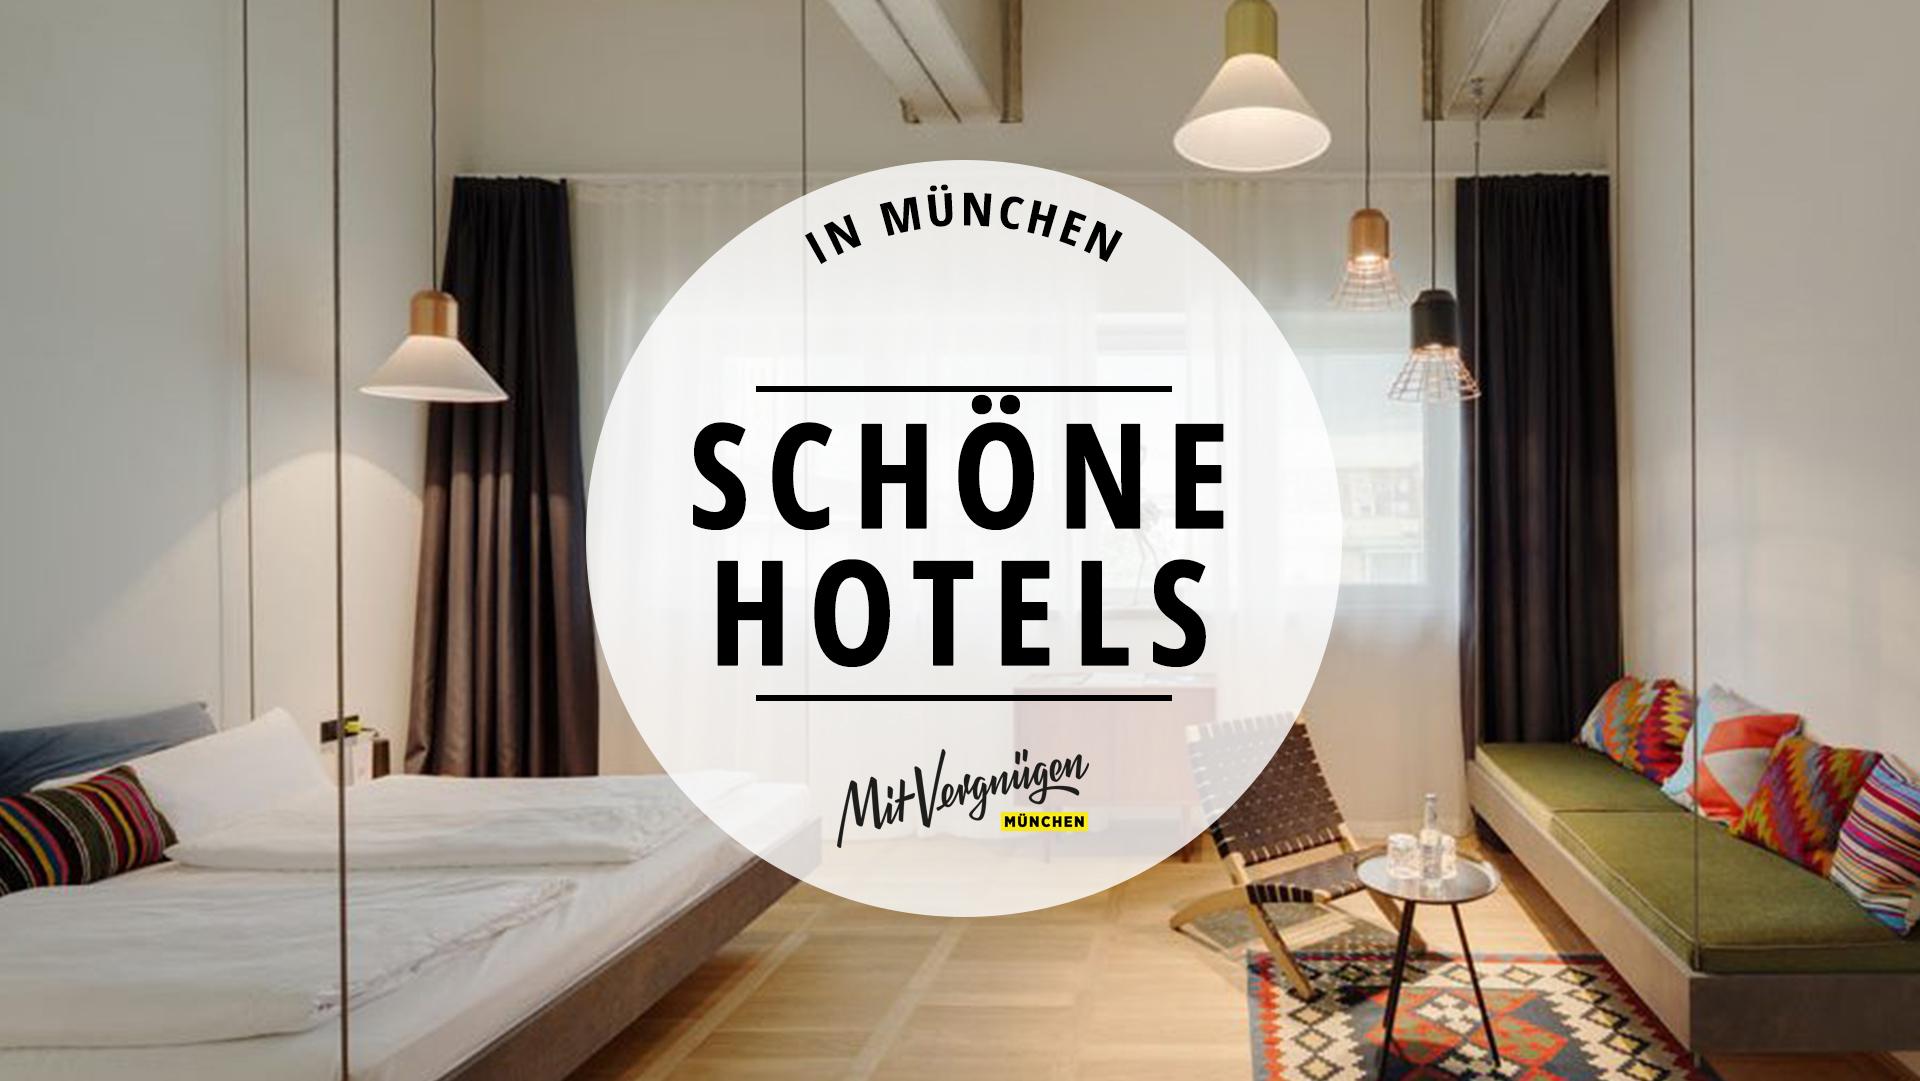 11 Sehr Schone Und Bezahlbare Hotels In Munchen Mit Vergnugen Munchen